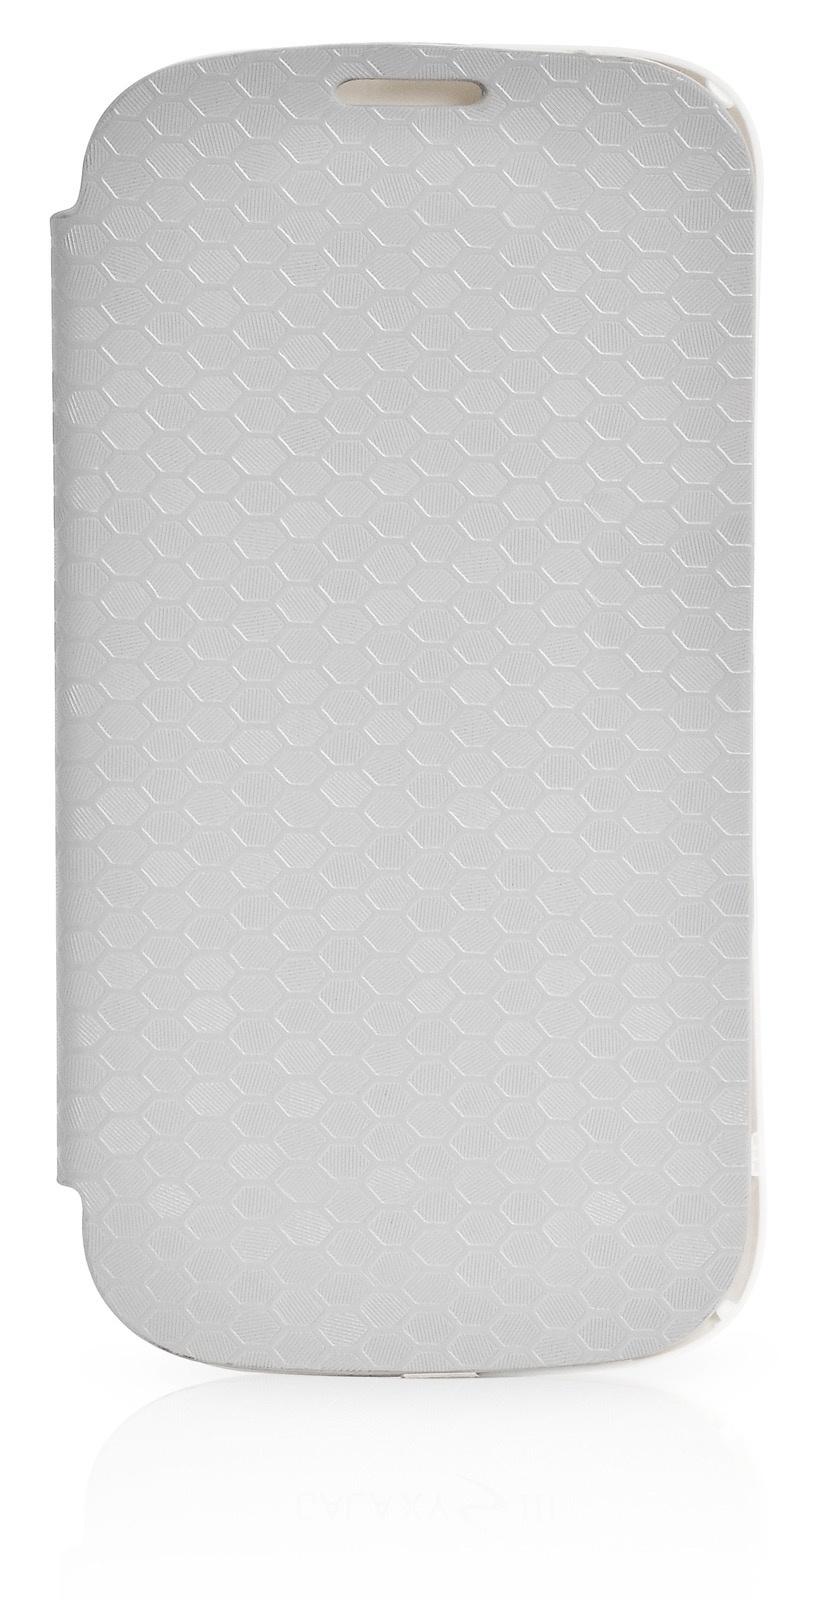 Чехол Gurdini Flip Case соты 380034 для Samsung Galaxy S3,380034, серый